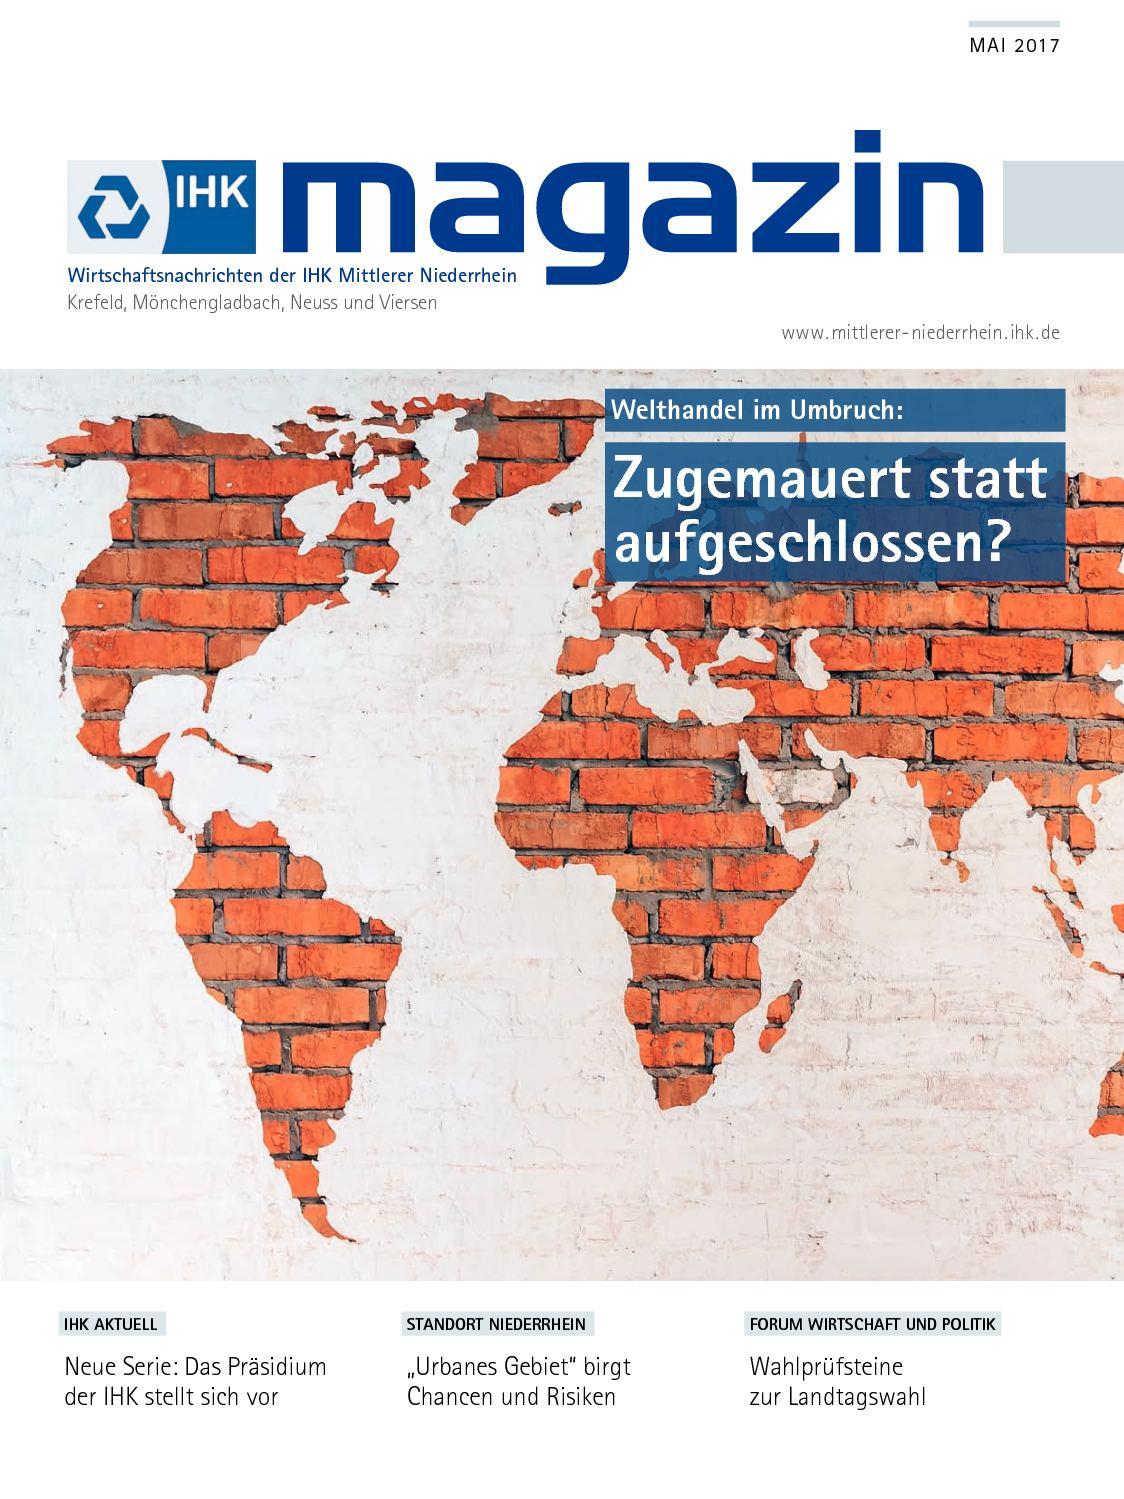 Calaméo - IHK Magazin Mai 2017